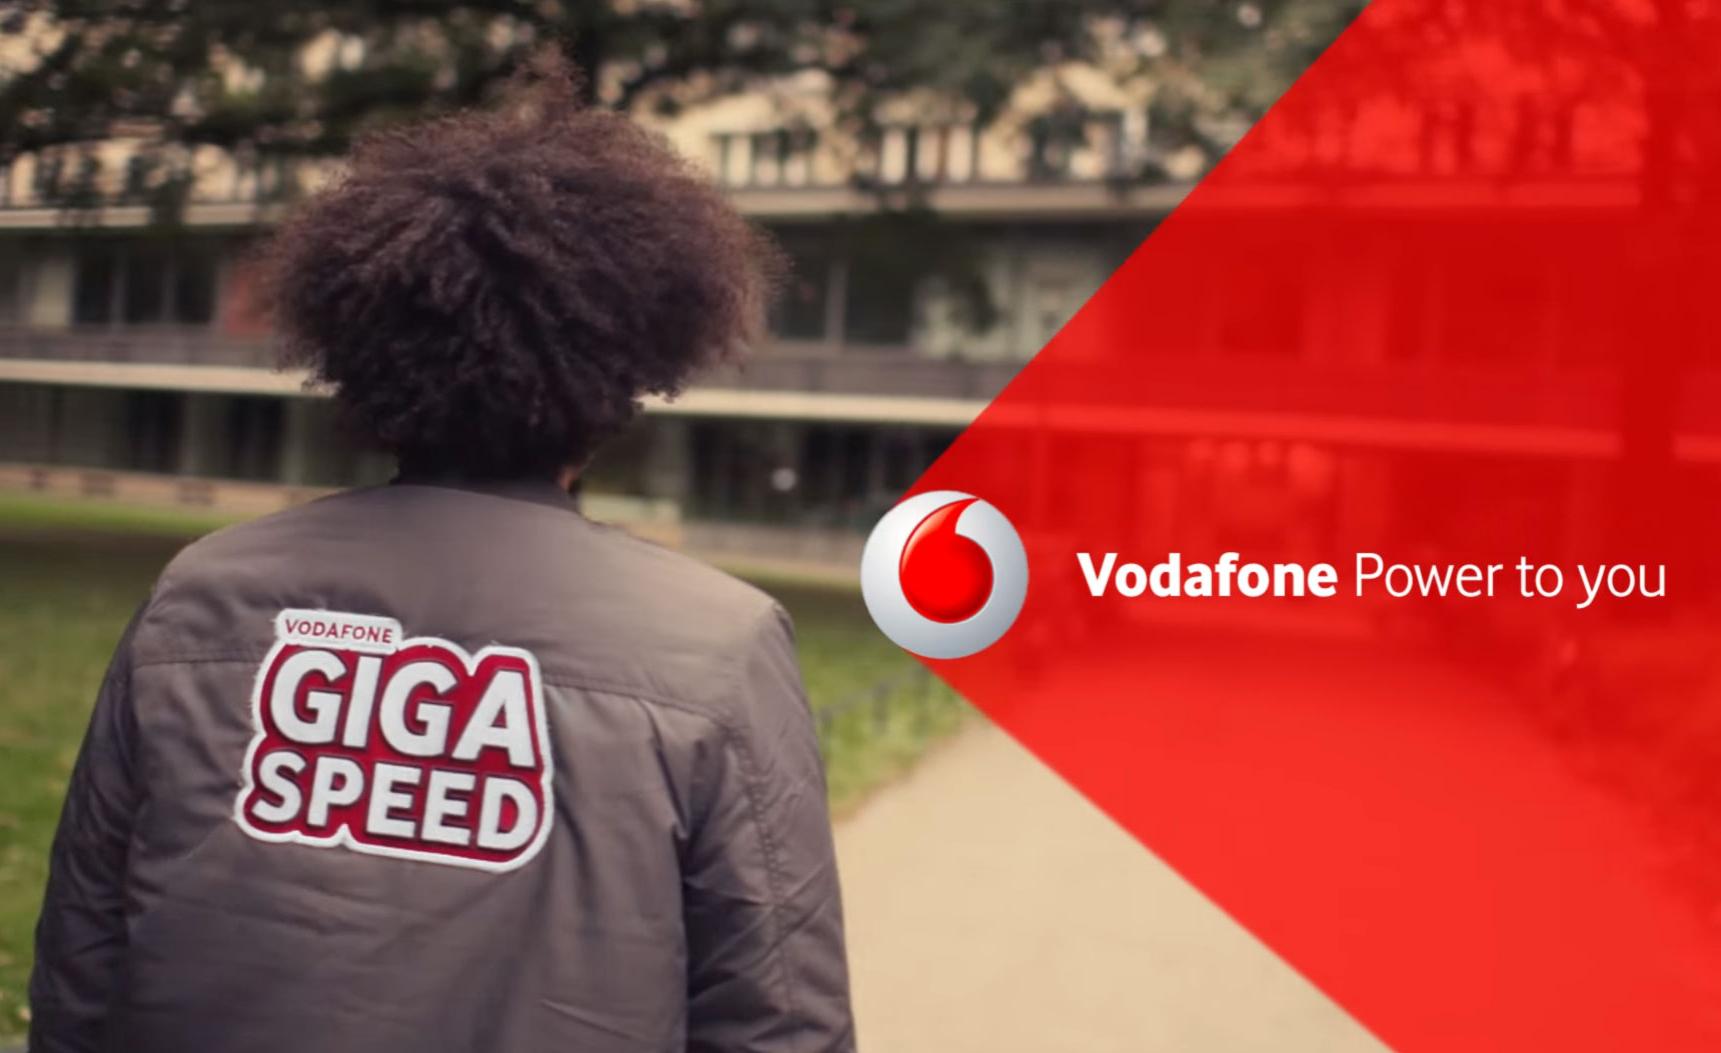 Vodafone Young L (3 Monate frei, 34,99€ im 1. & 39,99 € im 2. Jahr) + Samsung Galaxy Book 10.6 WiFi für 99€ mit 6 GB LTE, Allnet, SMS und EU-Flat + 150€ Cashback von Samsung